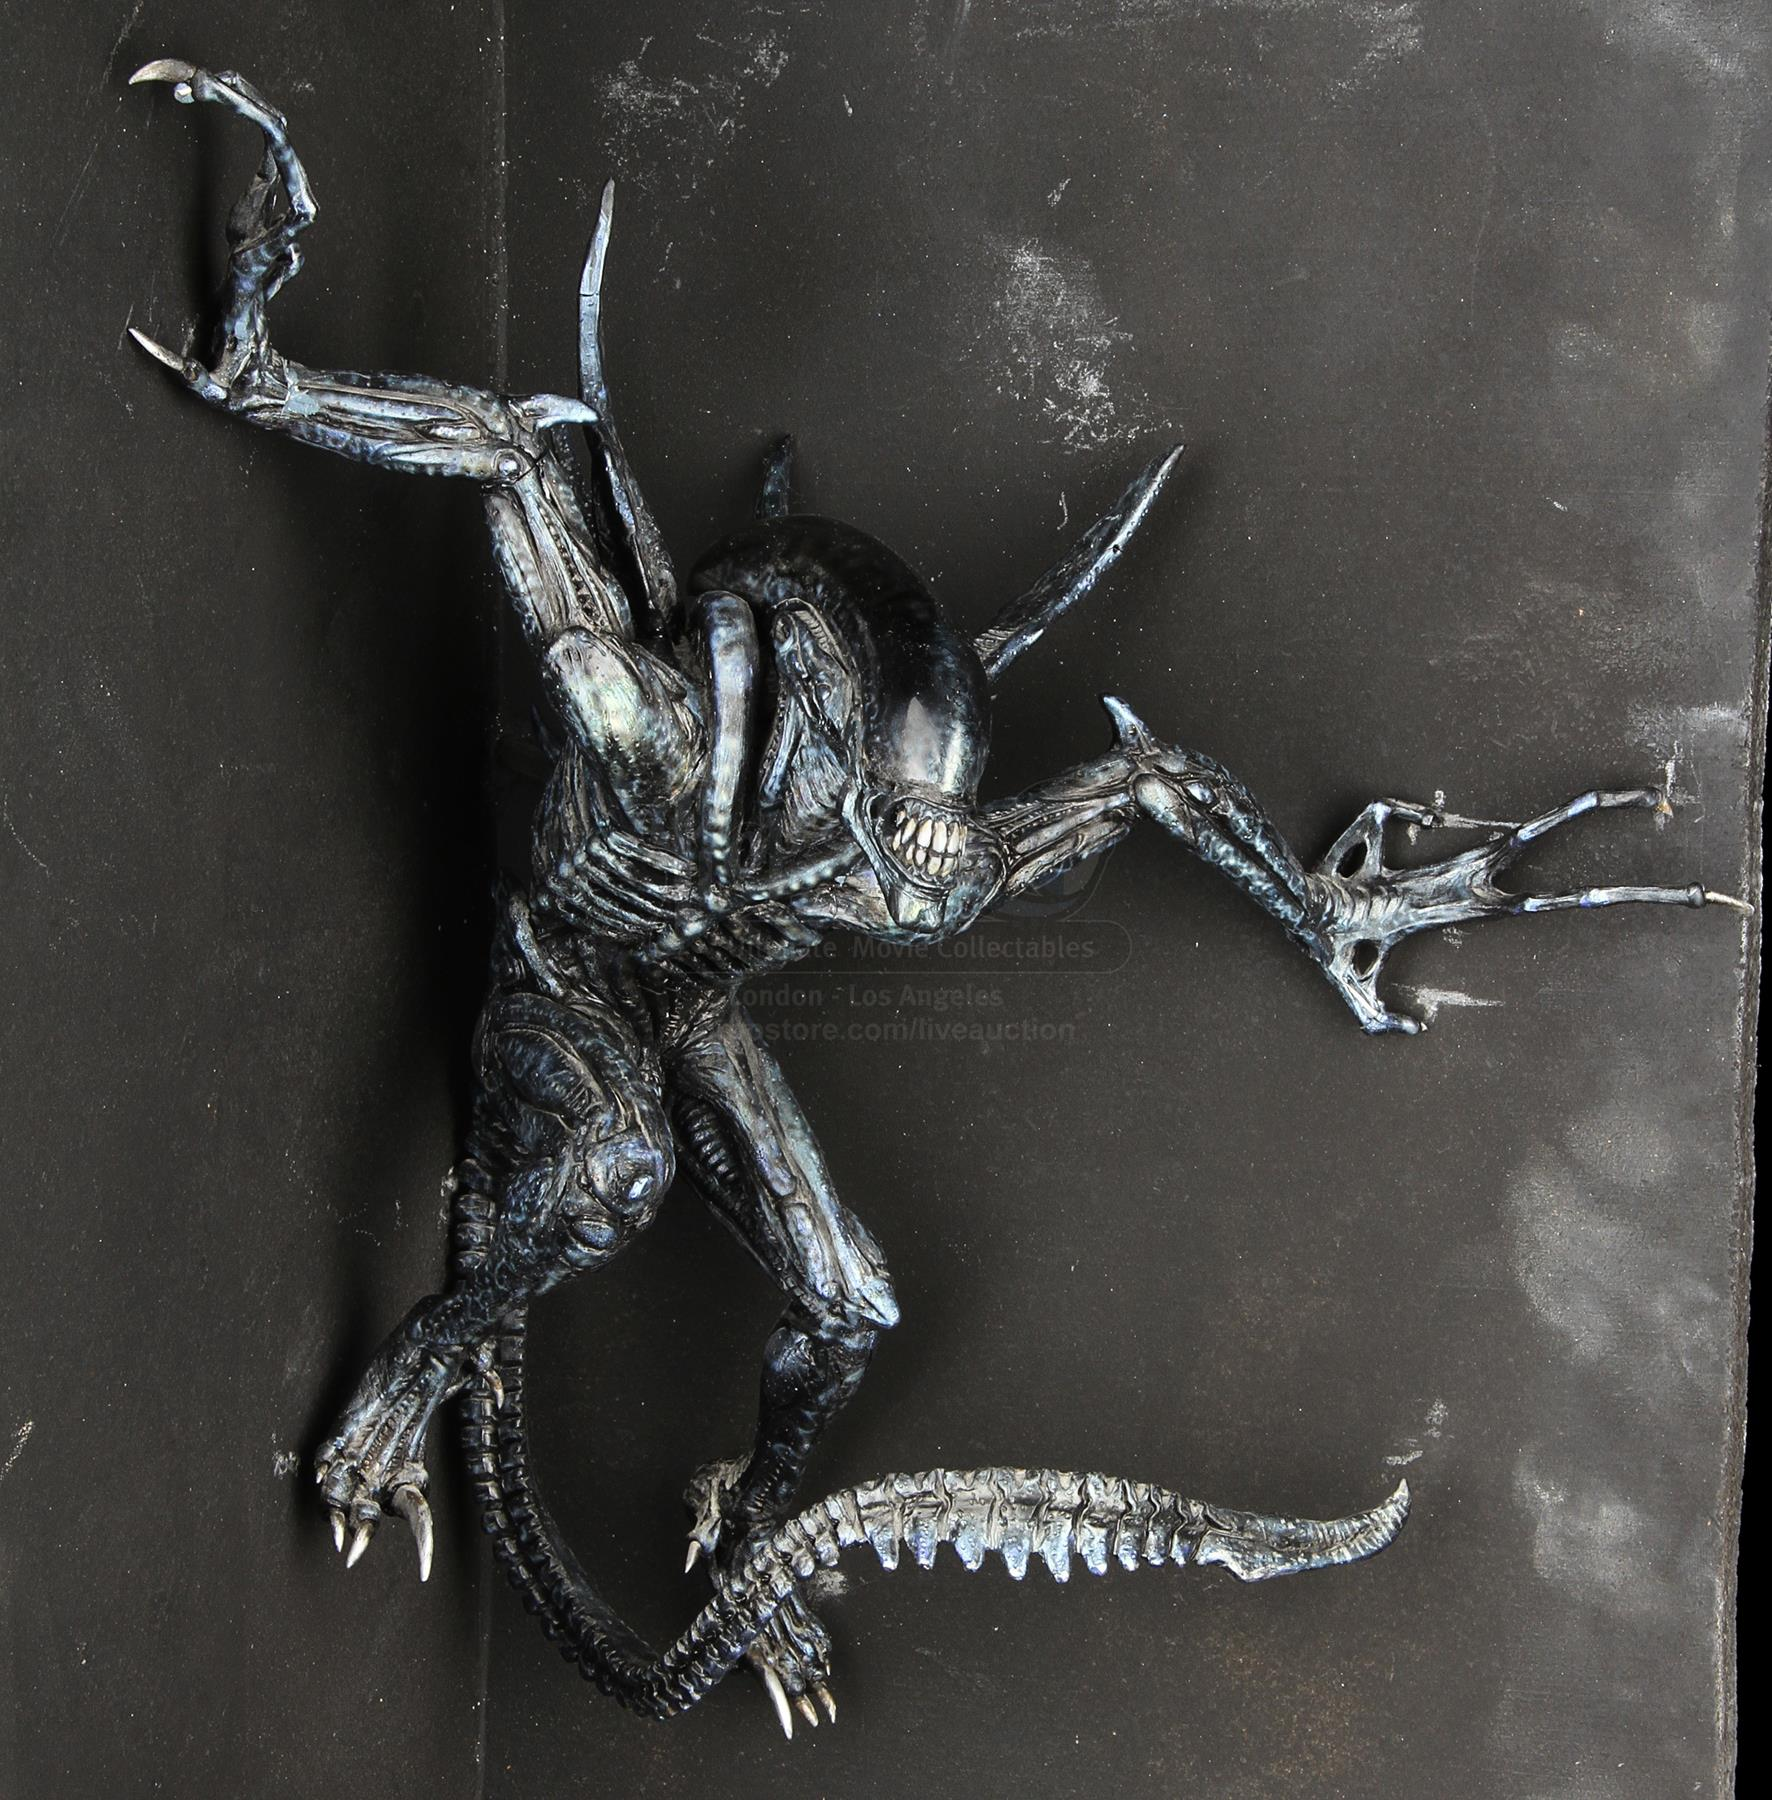 Aliens vs. Predator ADI Predator Maquette with sculpted